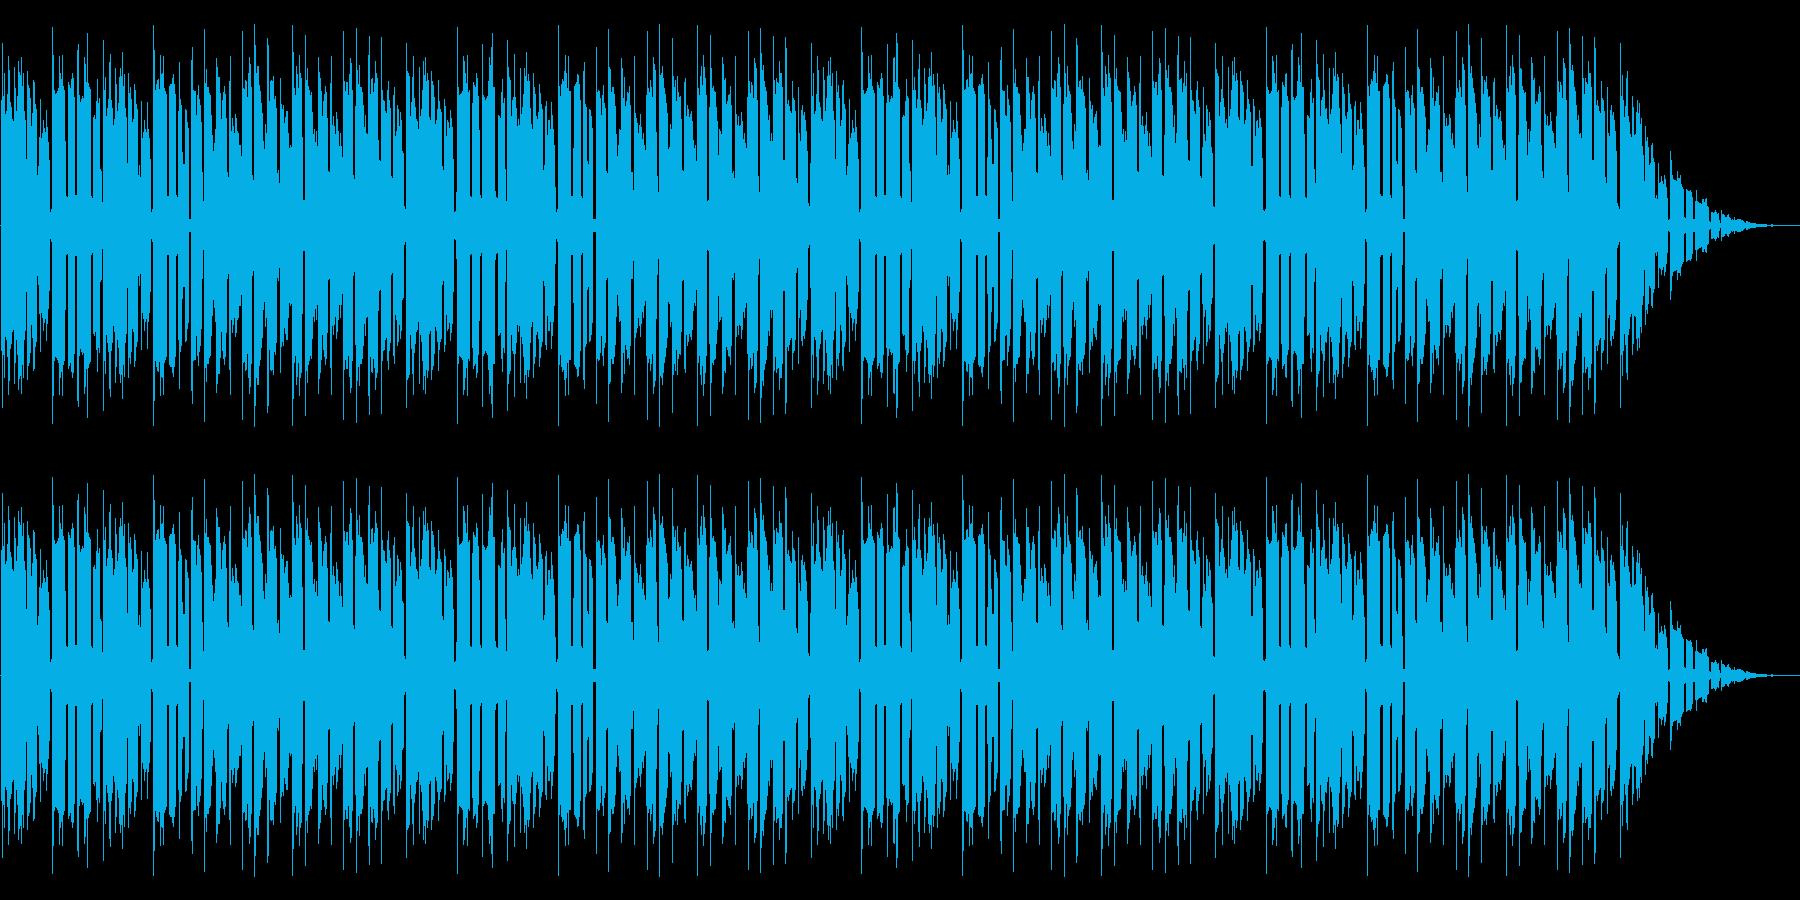 GB風スポーツゲームのタイトル曲の再生済みの波形